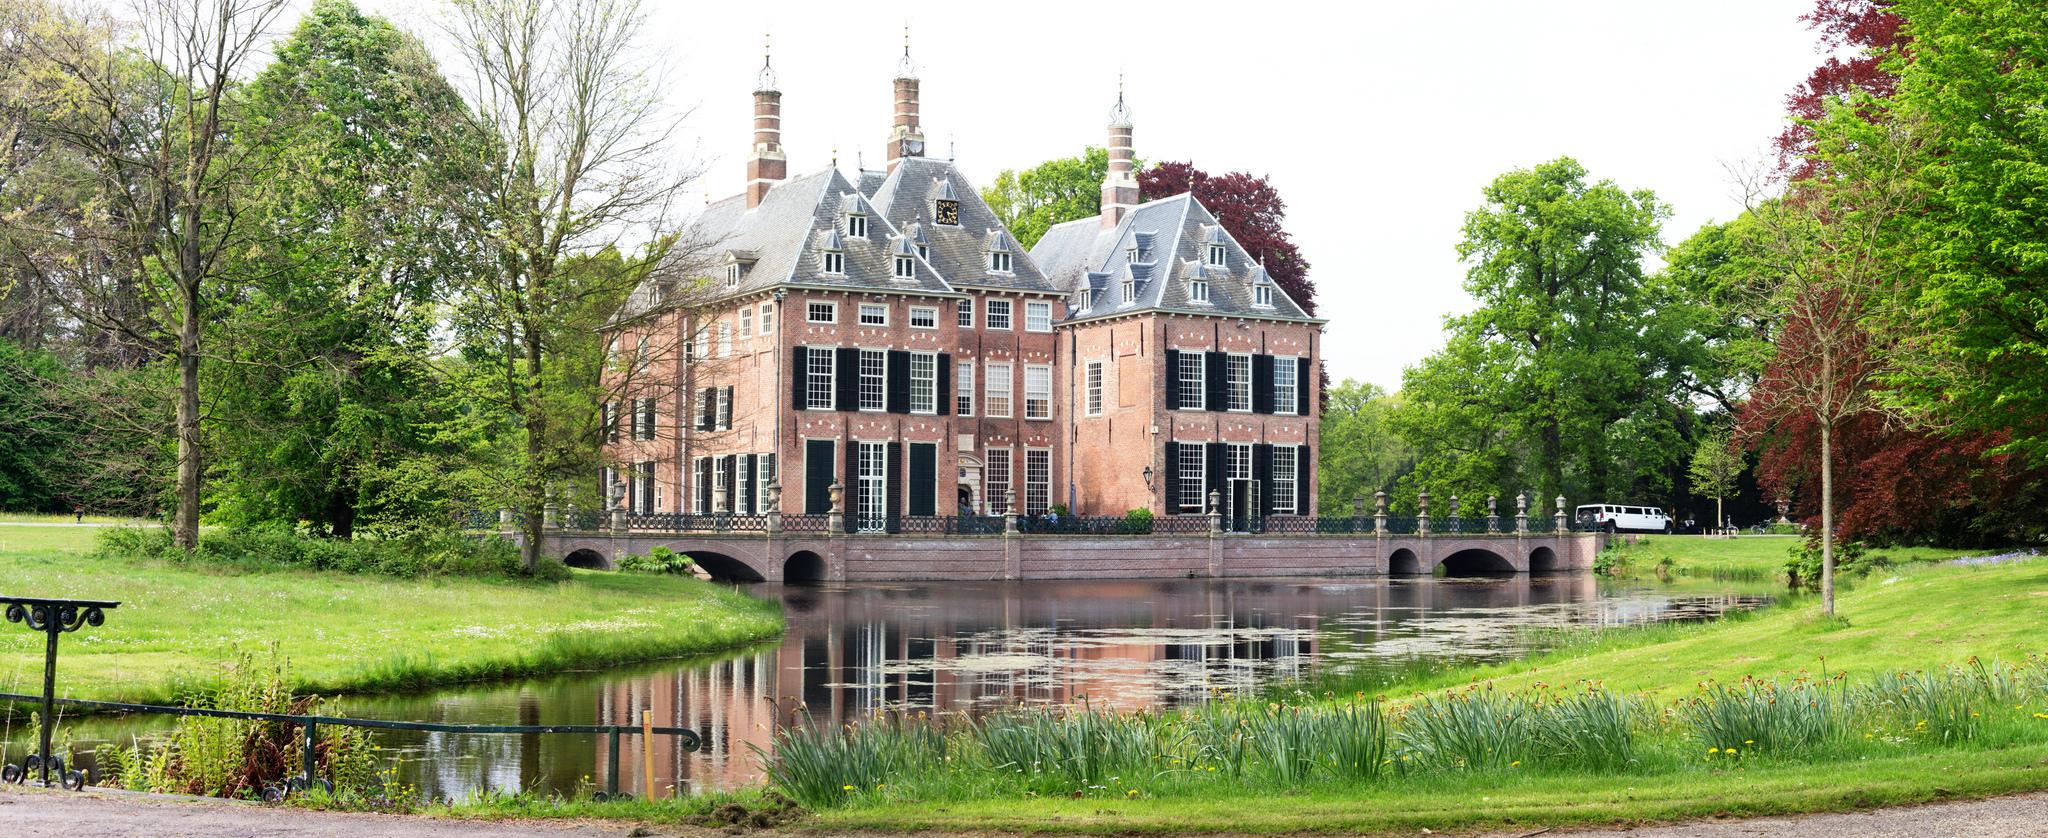 kasteel Duivenvoorde